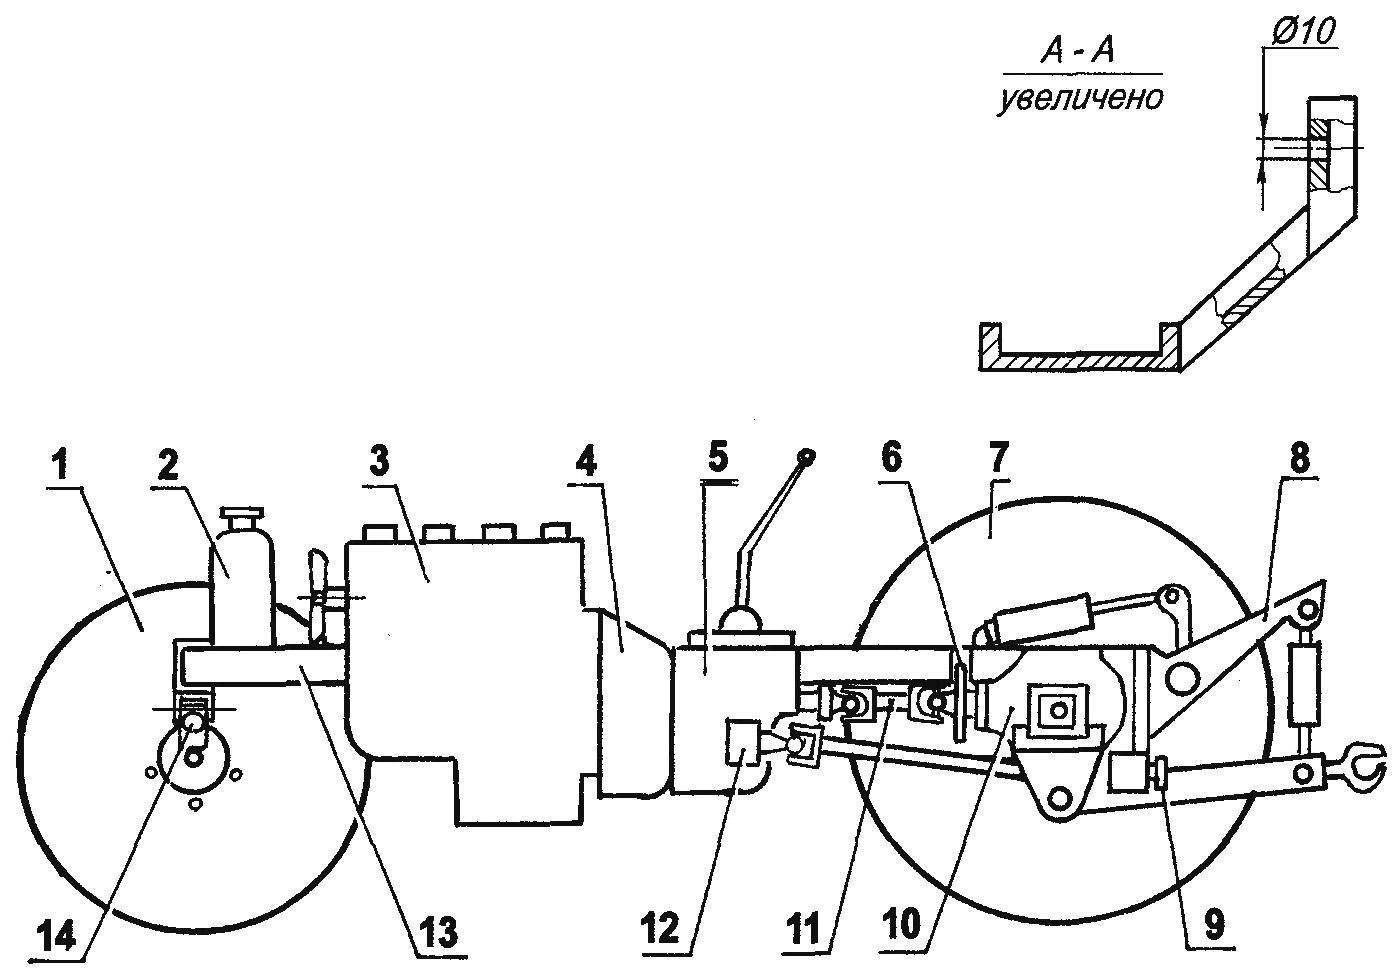 Рис. 3. Компоновочная схема шасси трактора